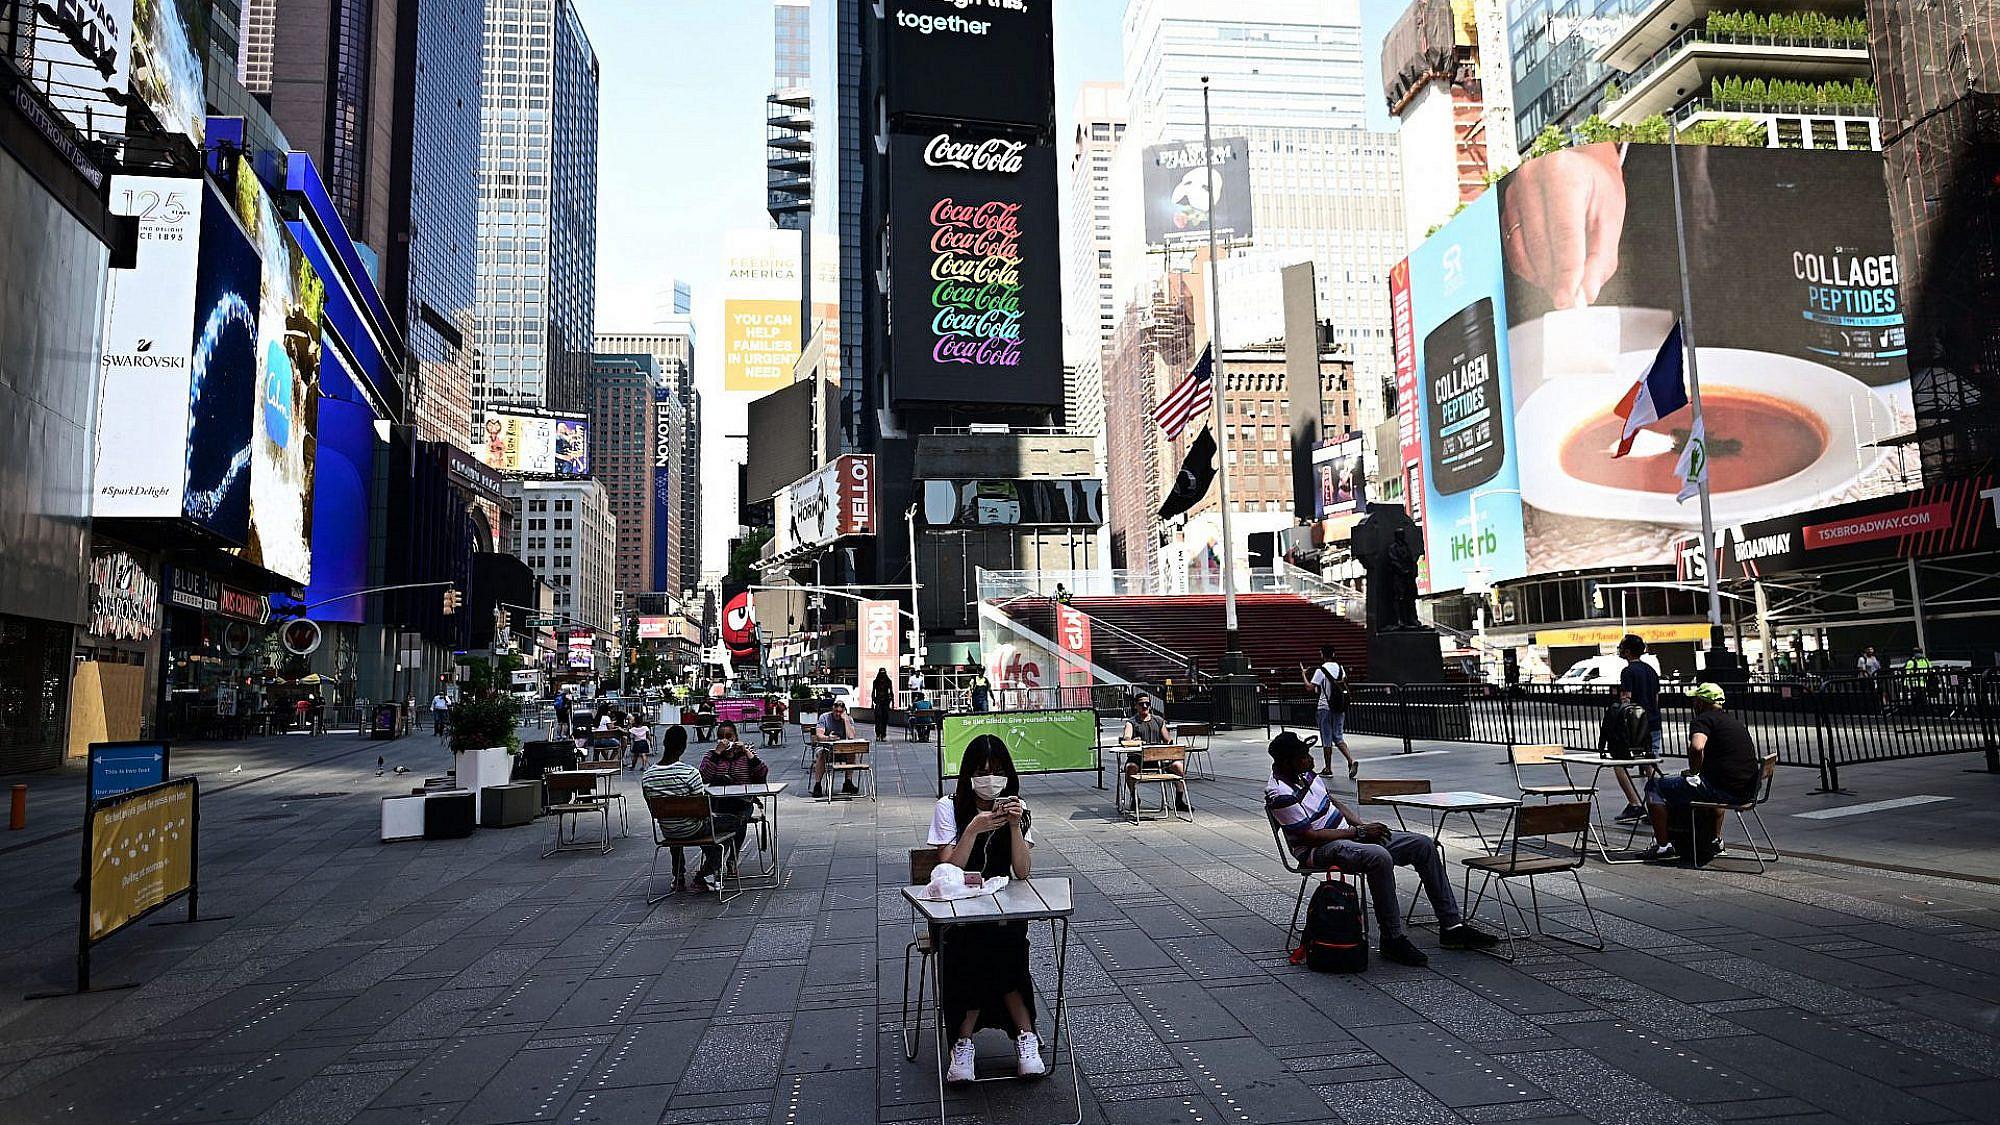 להשתלט מחדש על המרחב הציבורי. מסעדת פופ-אפ בטיימס סקוור, ניו יורק (צילום: גטי אימג'ס)